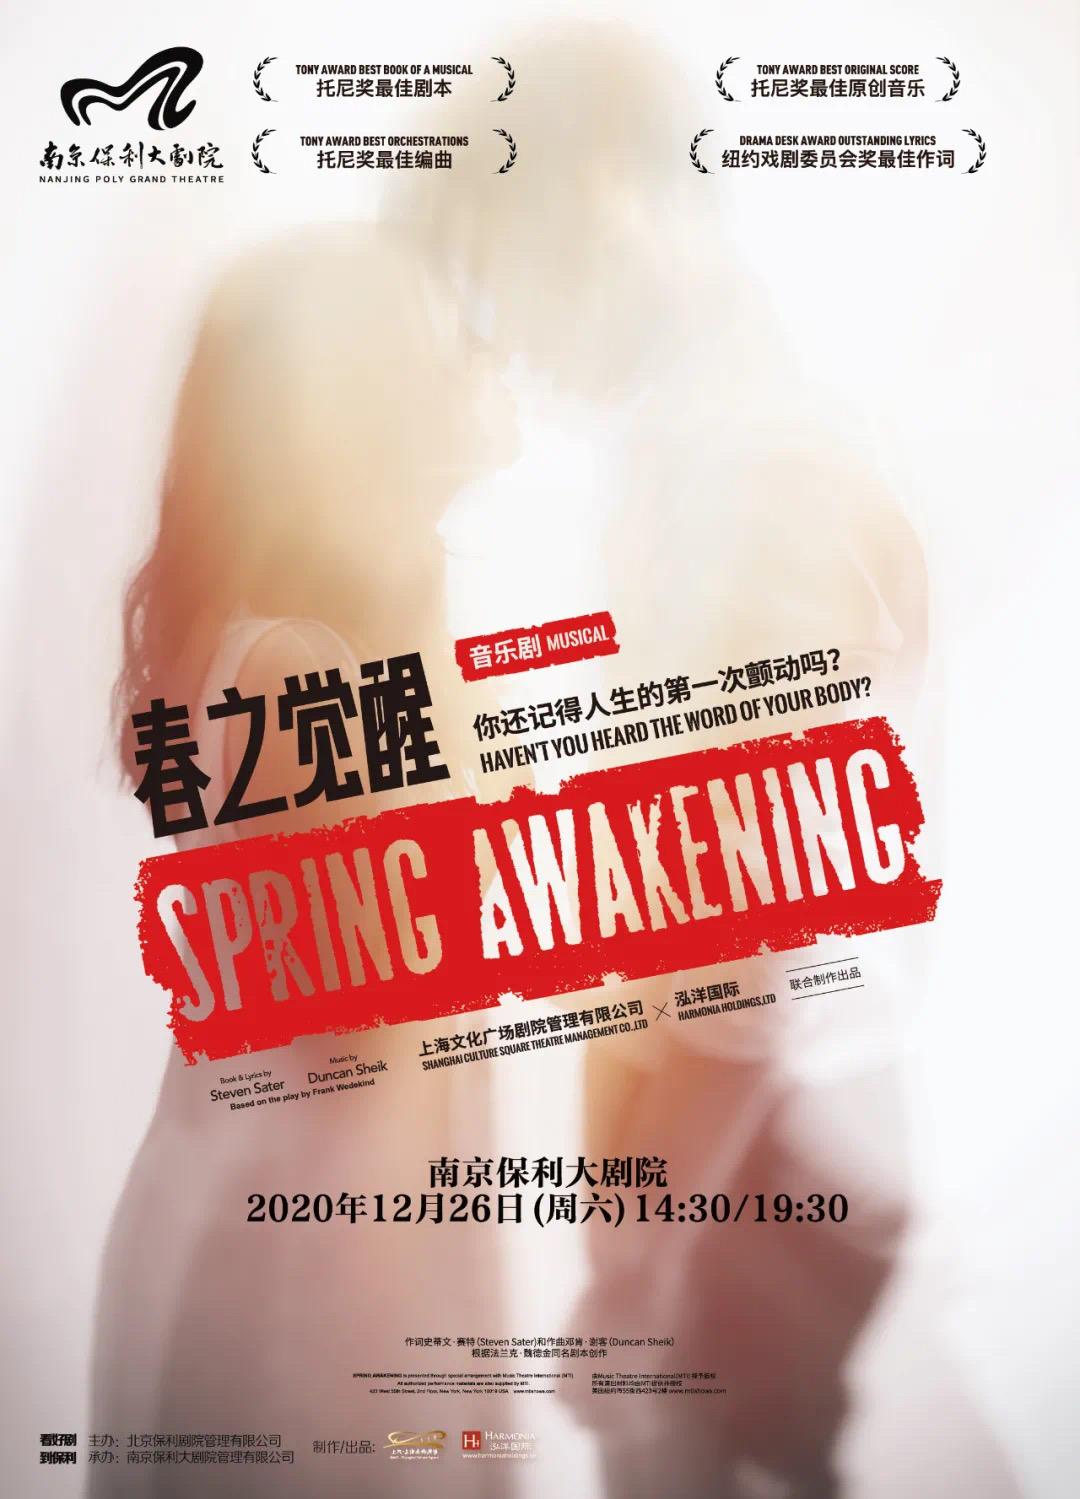 音乐剧《春之觉醒》南京站